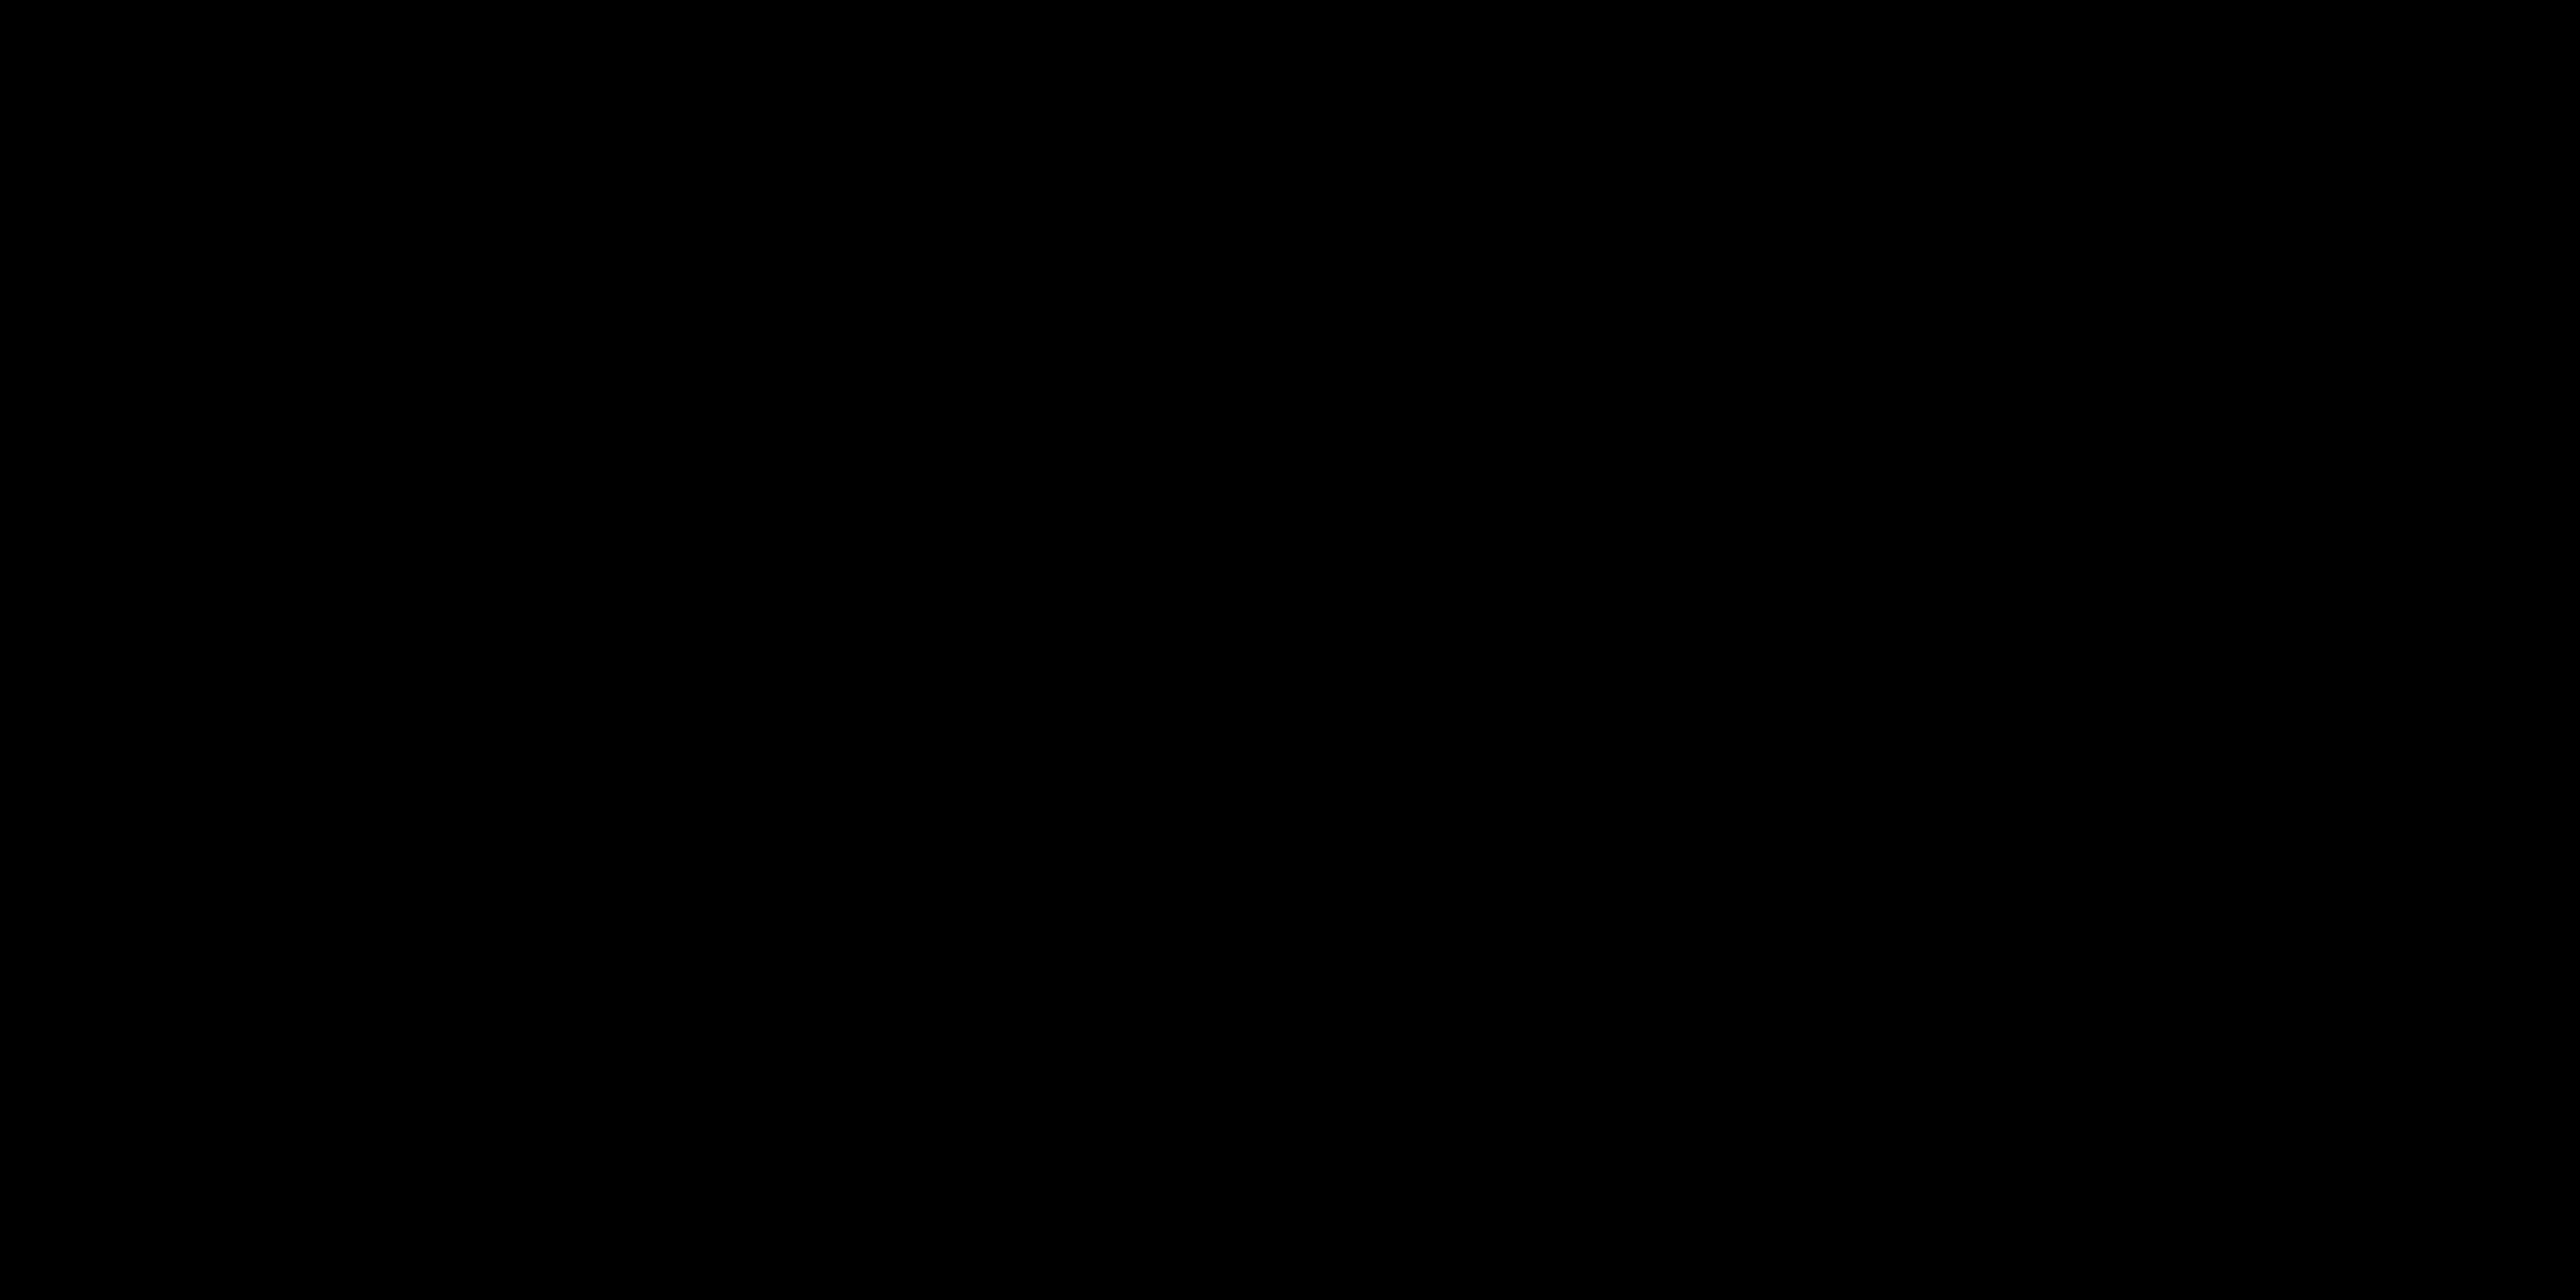 魔都龅牙故事(第五弹)